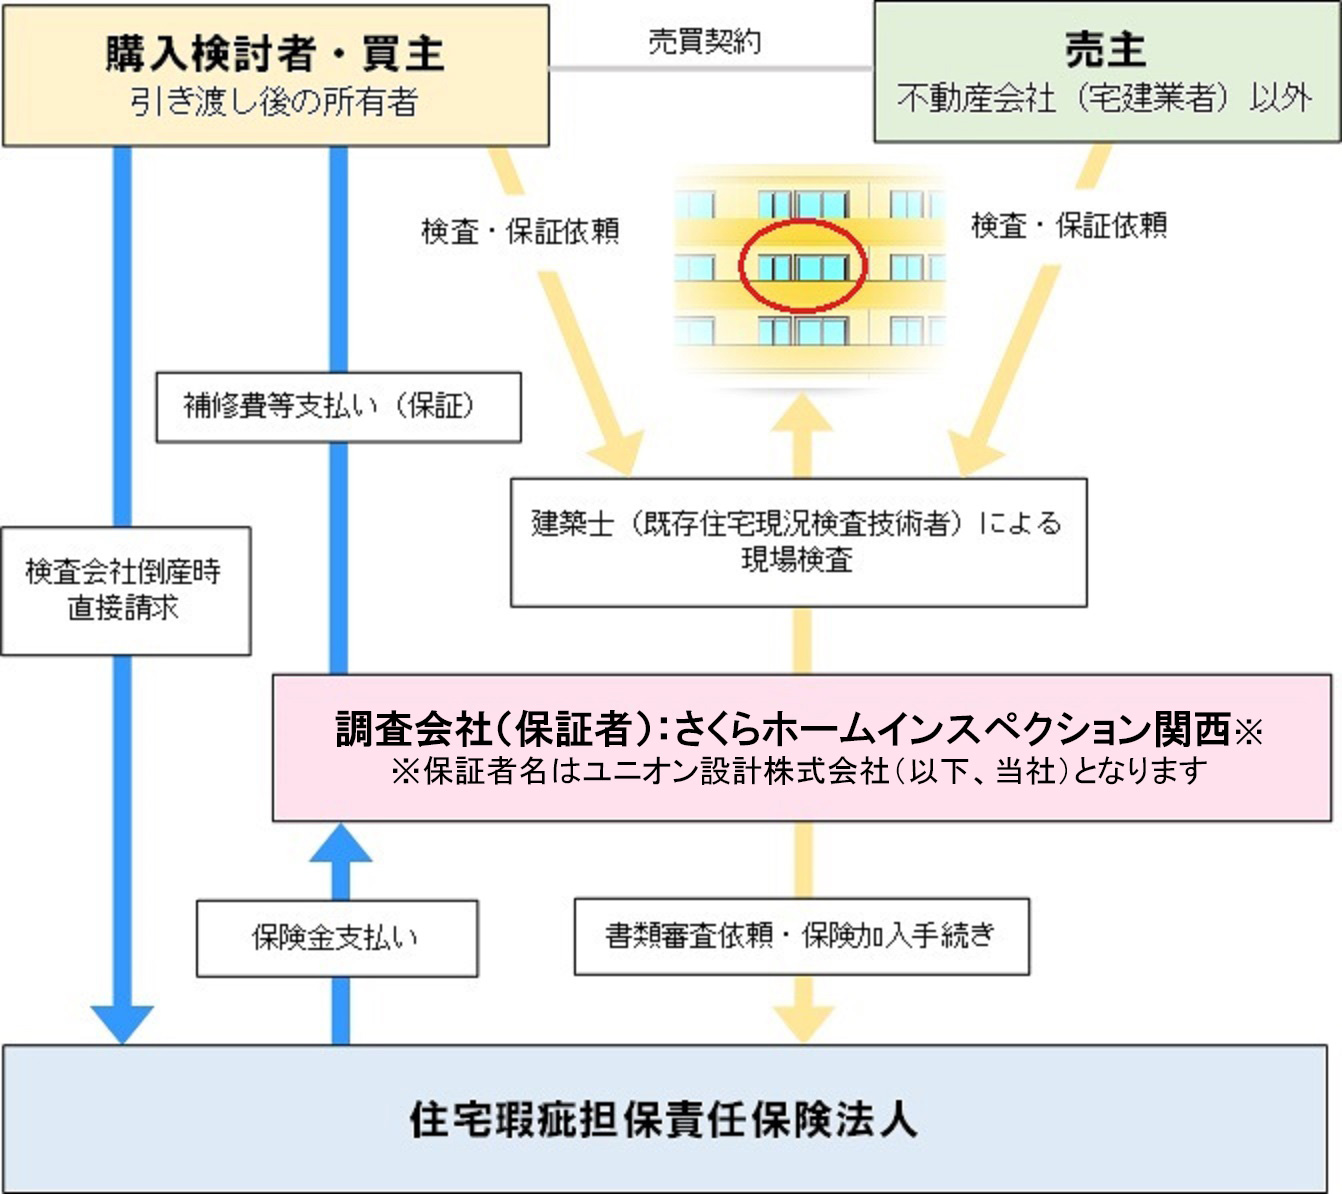 マンション瑕疵保険(図解)